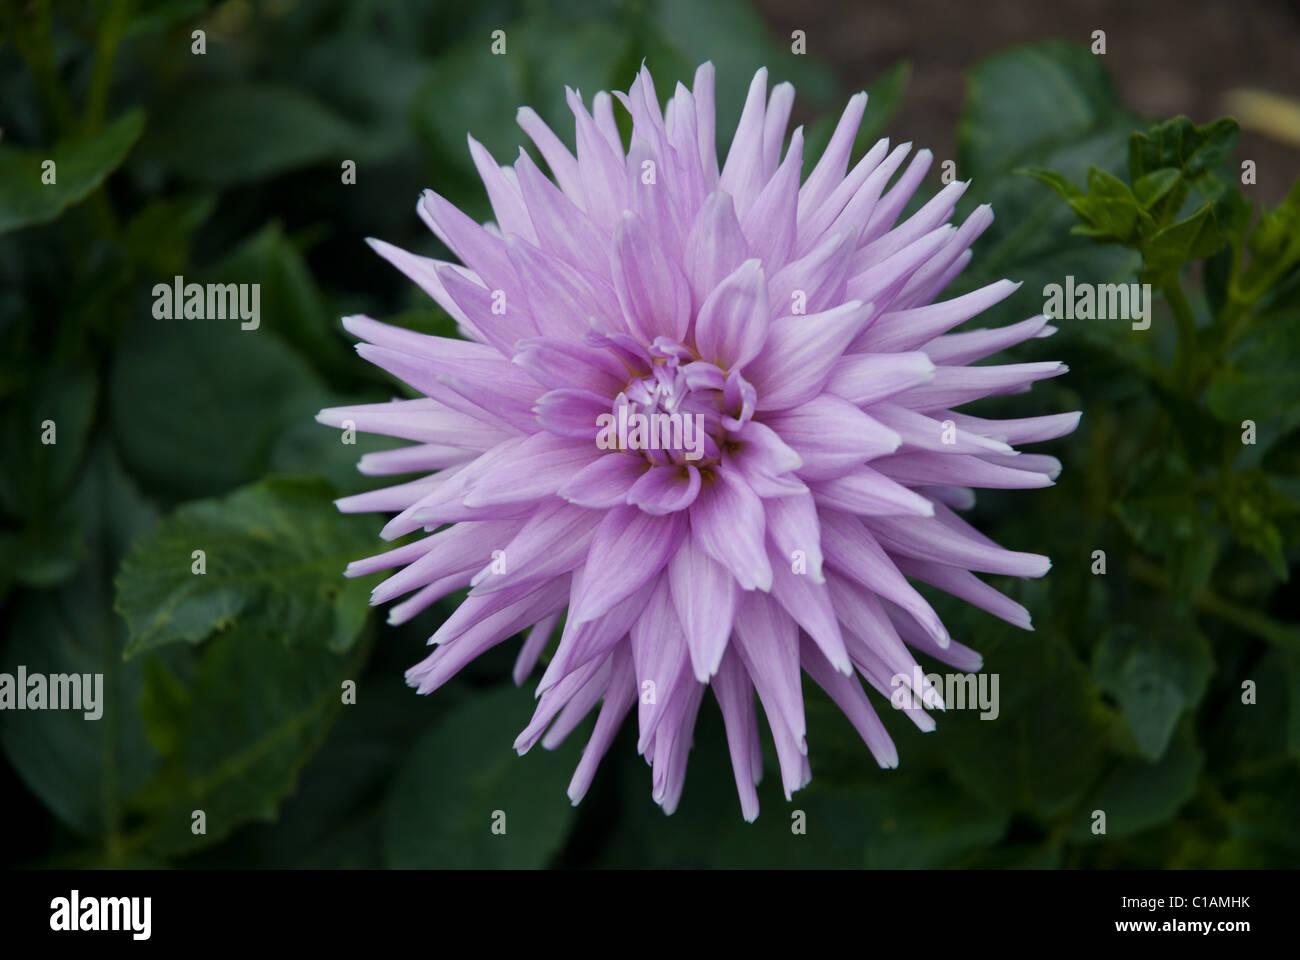 Dahlia Perennial Flower Blue Stock Photos Dahlia Perennial Flower